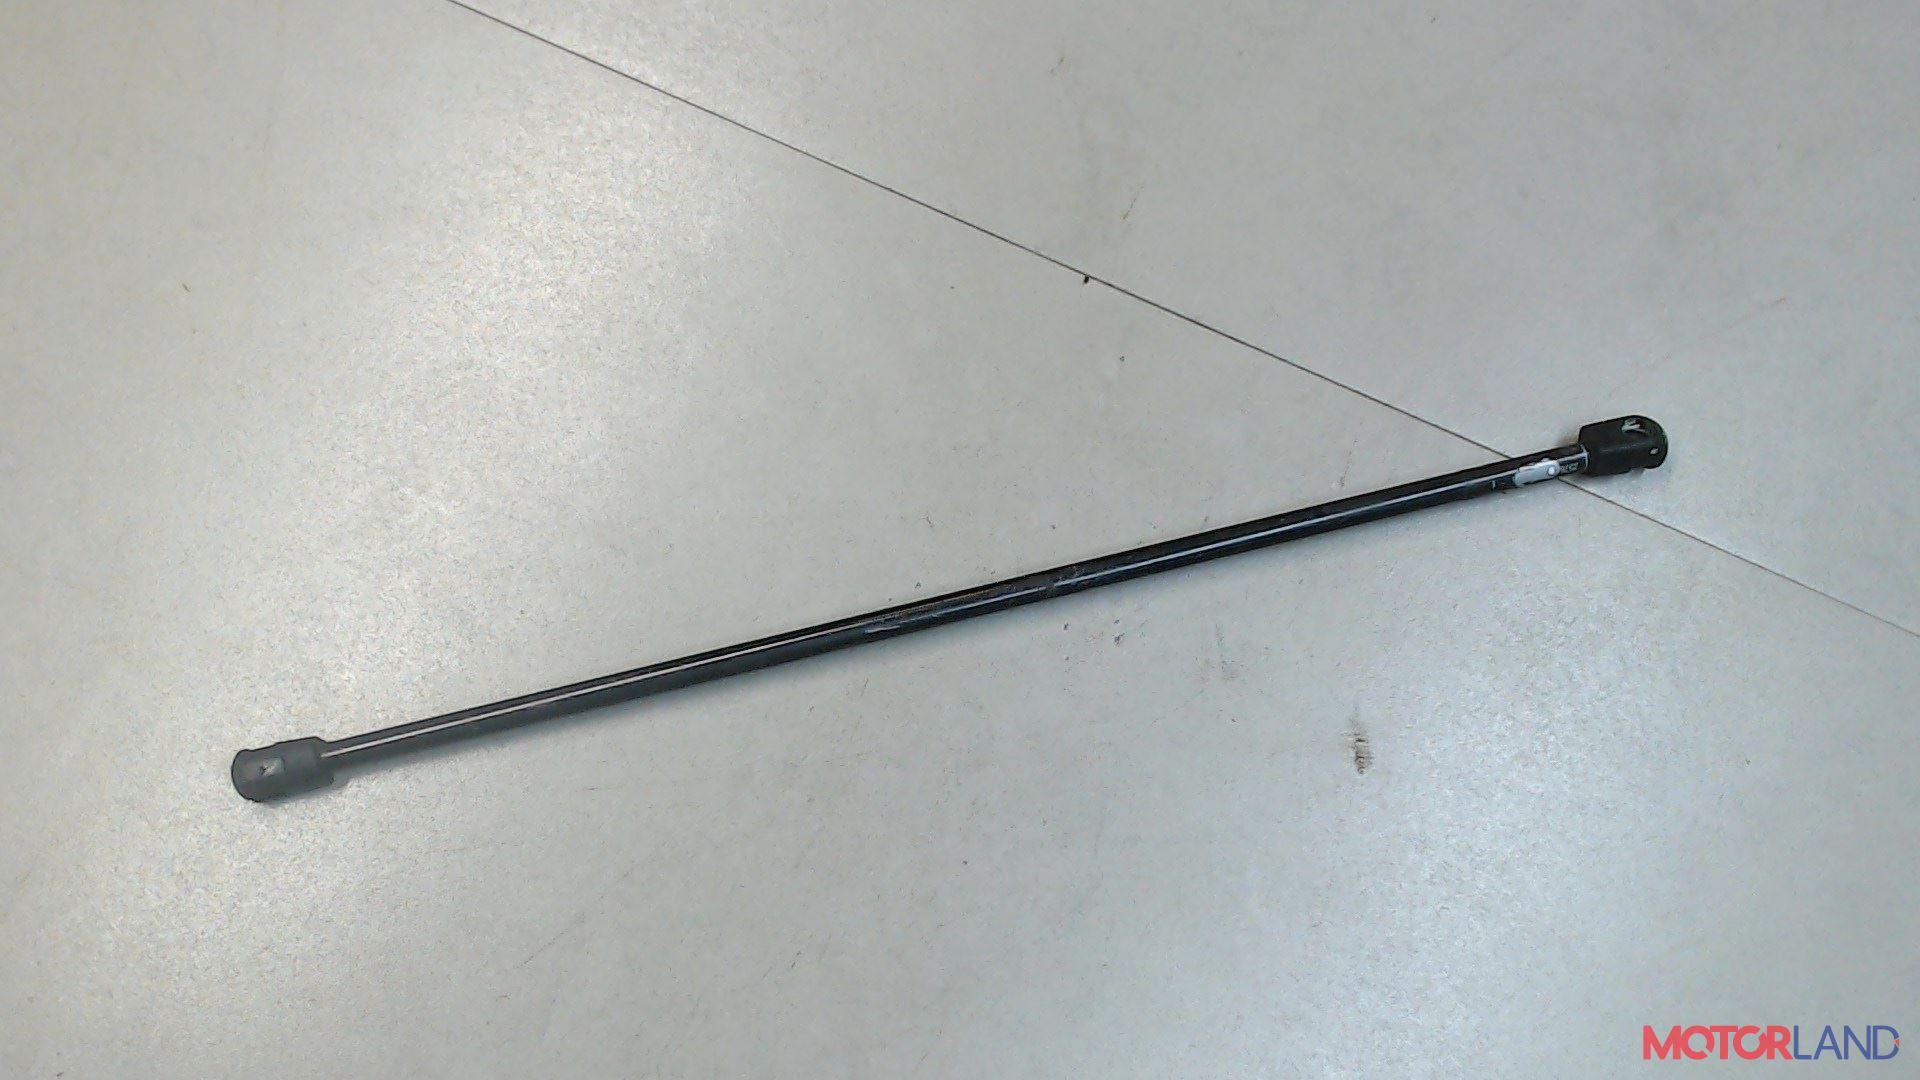 Кронштейн (лапа крепления) Cadillac SRX 2004-2009, Артикул 4346457 #1